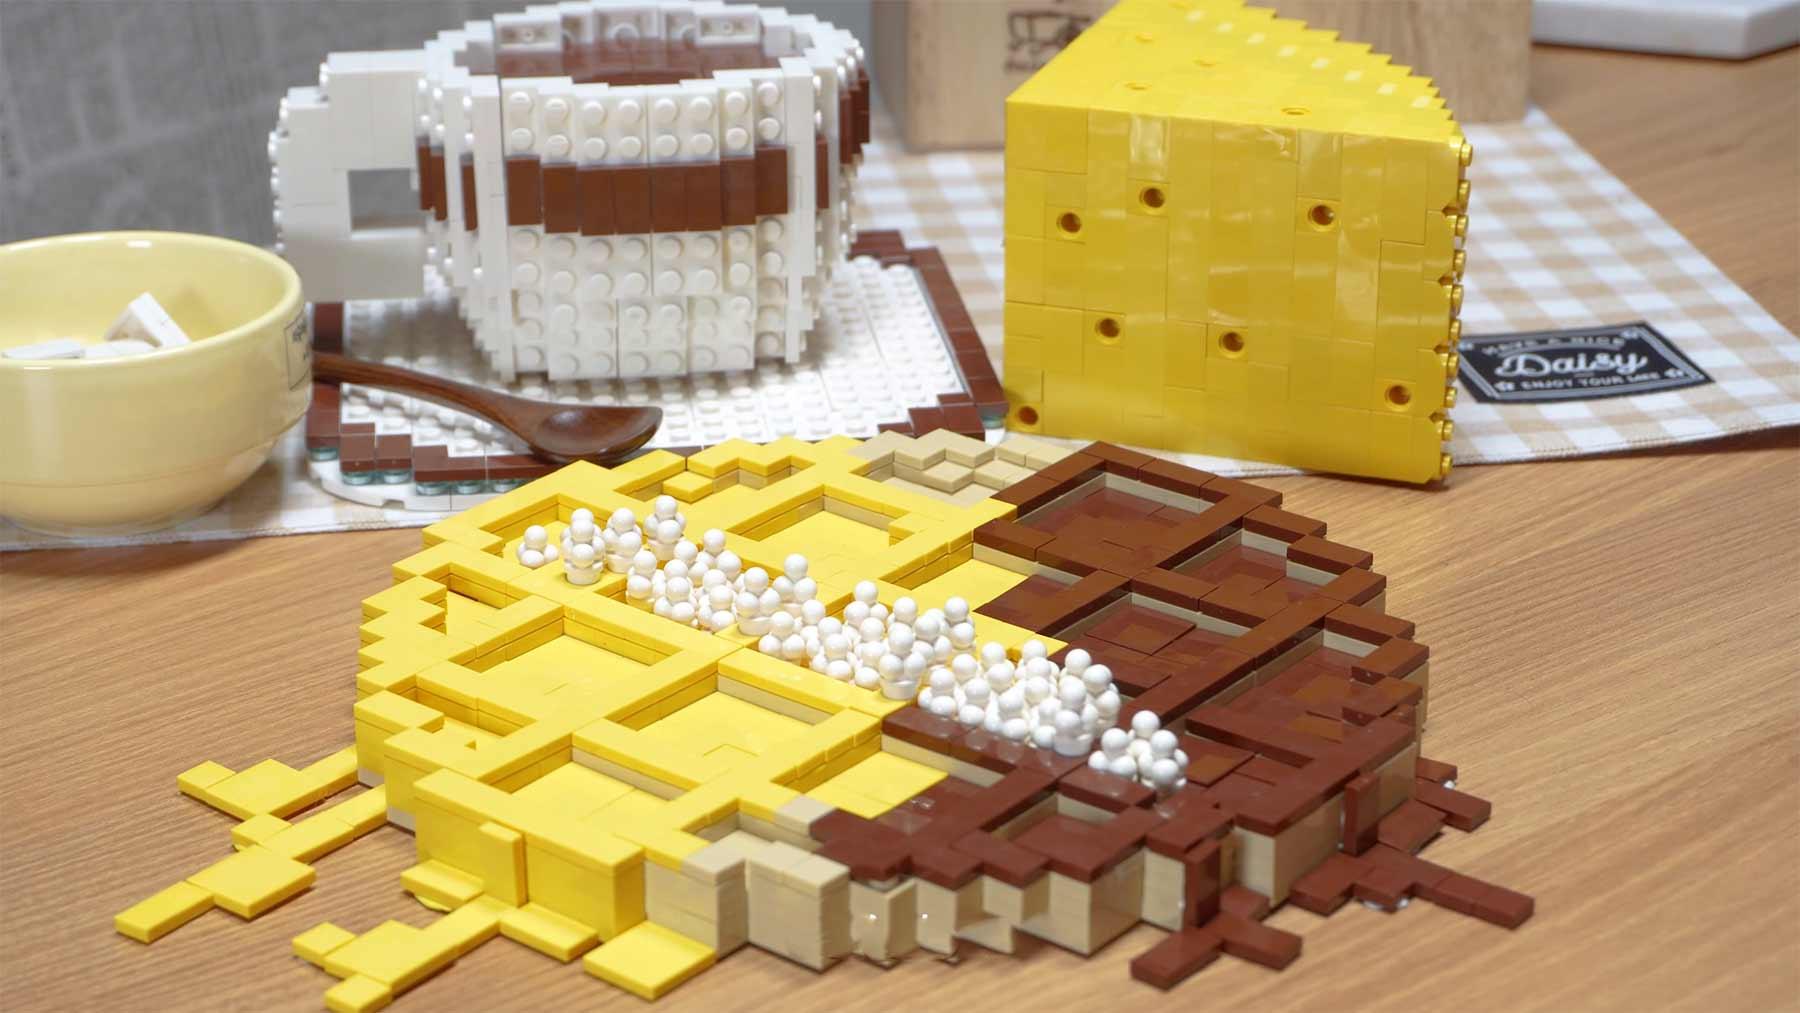 Stopmotion: Kaffee und Waffelzubereitung aus LEGO-Steinen